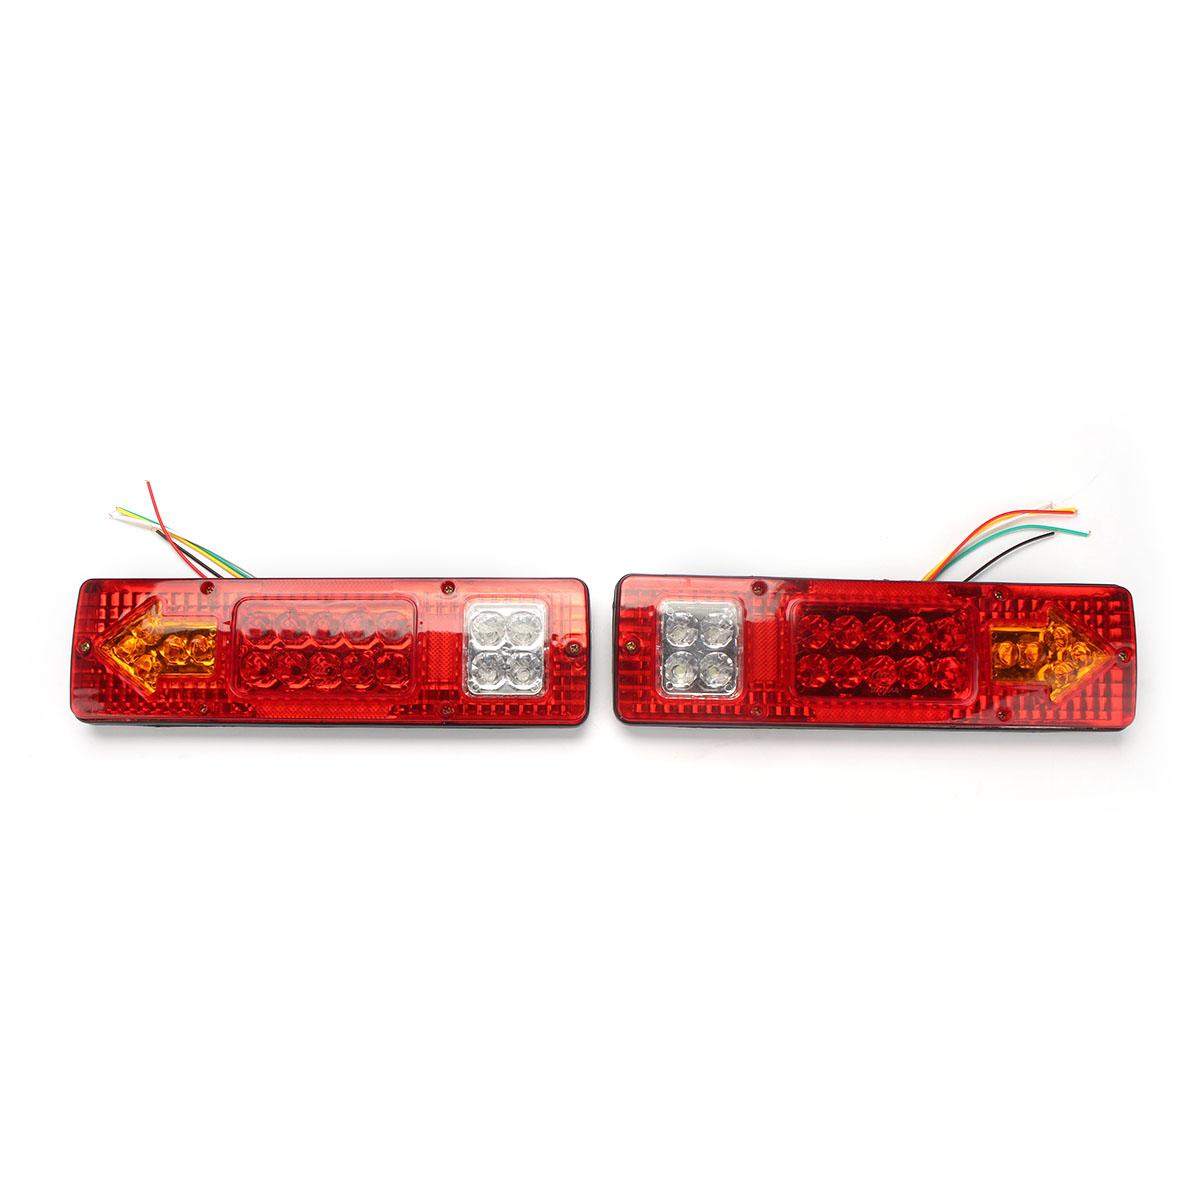 Brake Pair 19 Led Turn Signal Running Tail Light For